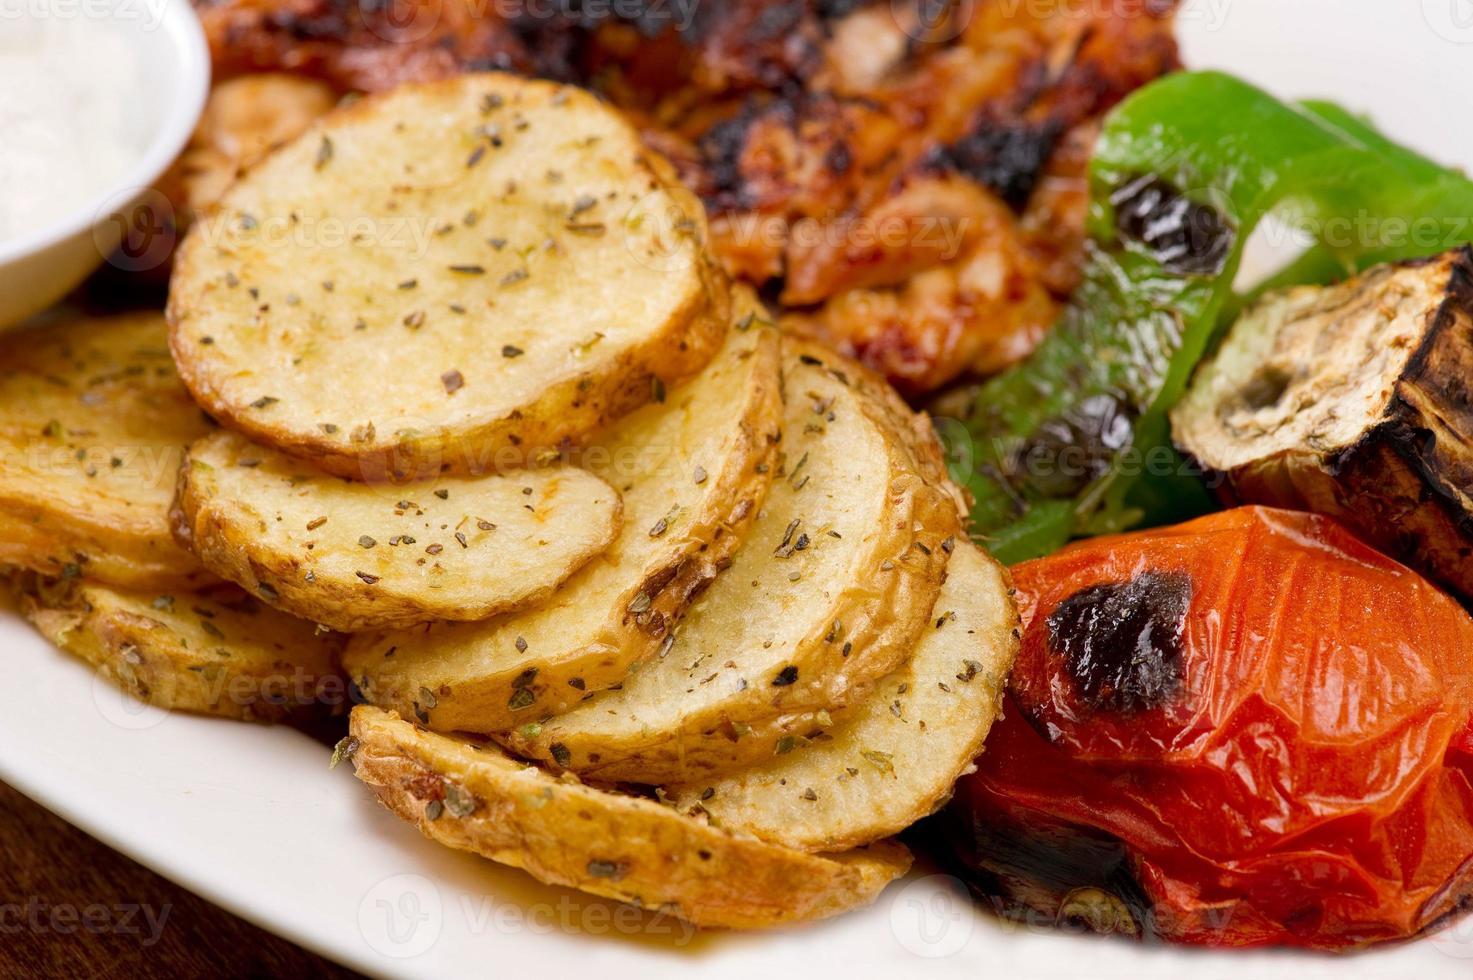 filetes de frango grelhado, com batatas e legumes foto